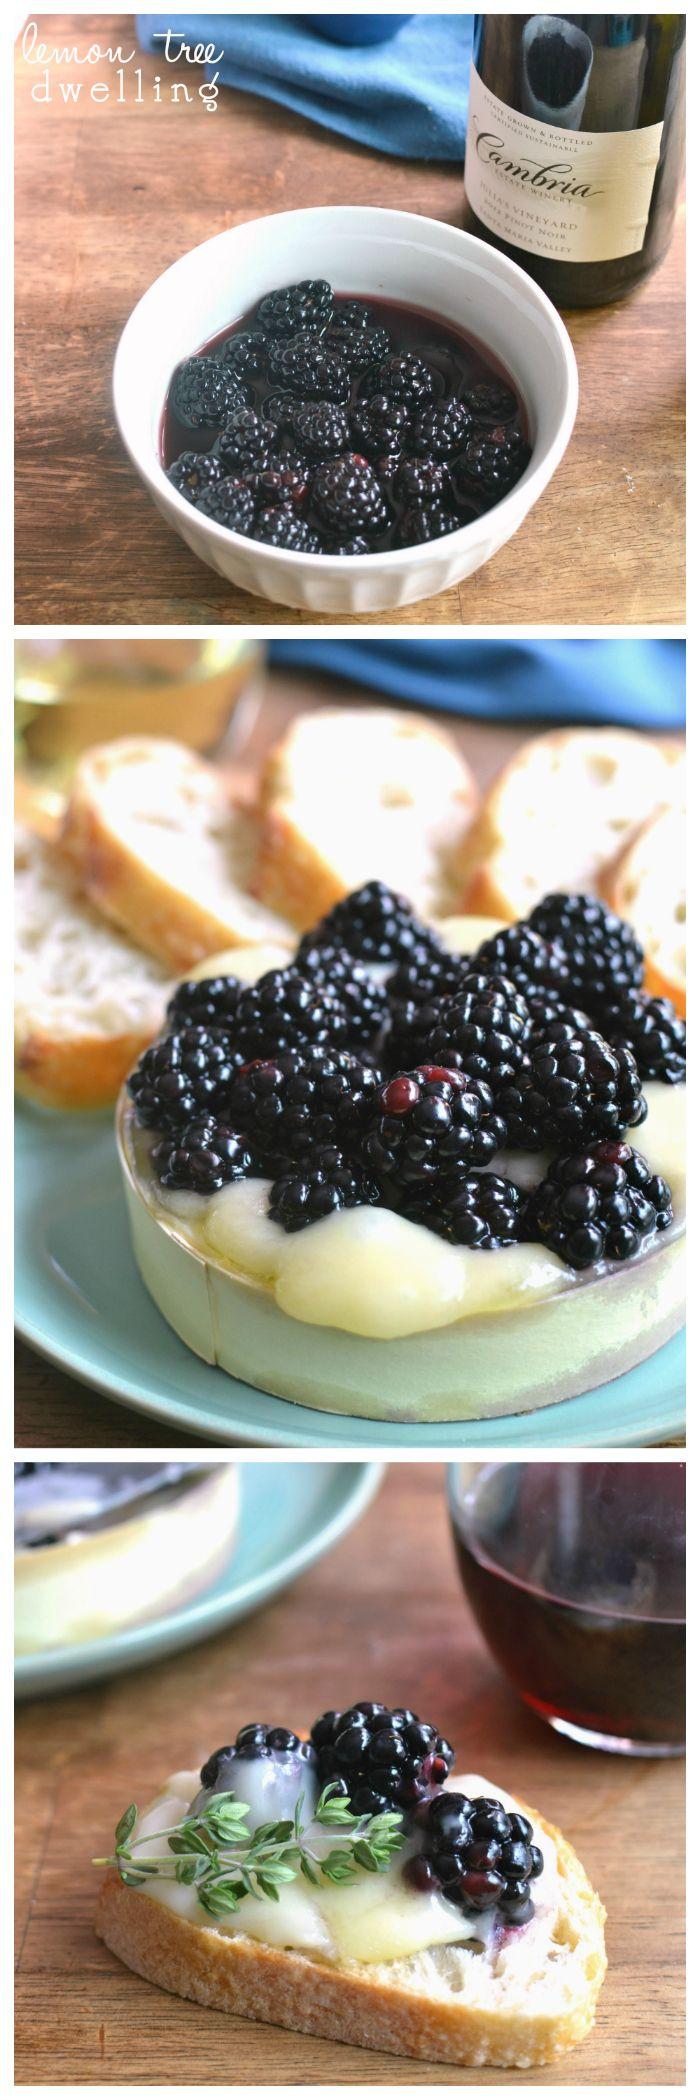 Baked Brie with Wine-Soaked Blackberries | Lemon Tree Dwelling